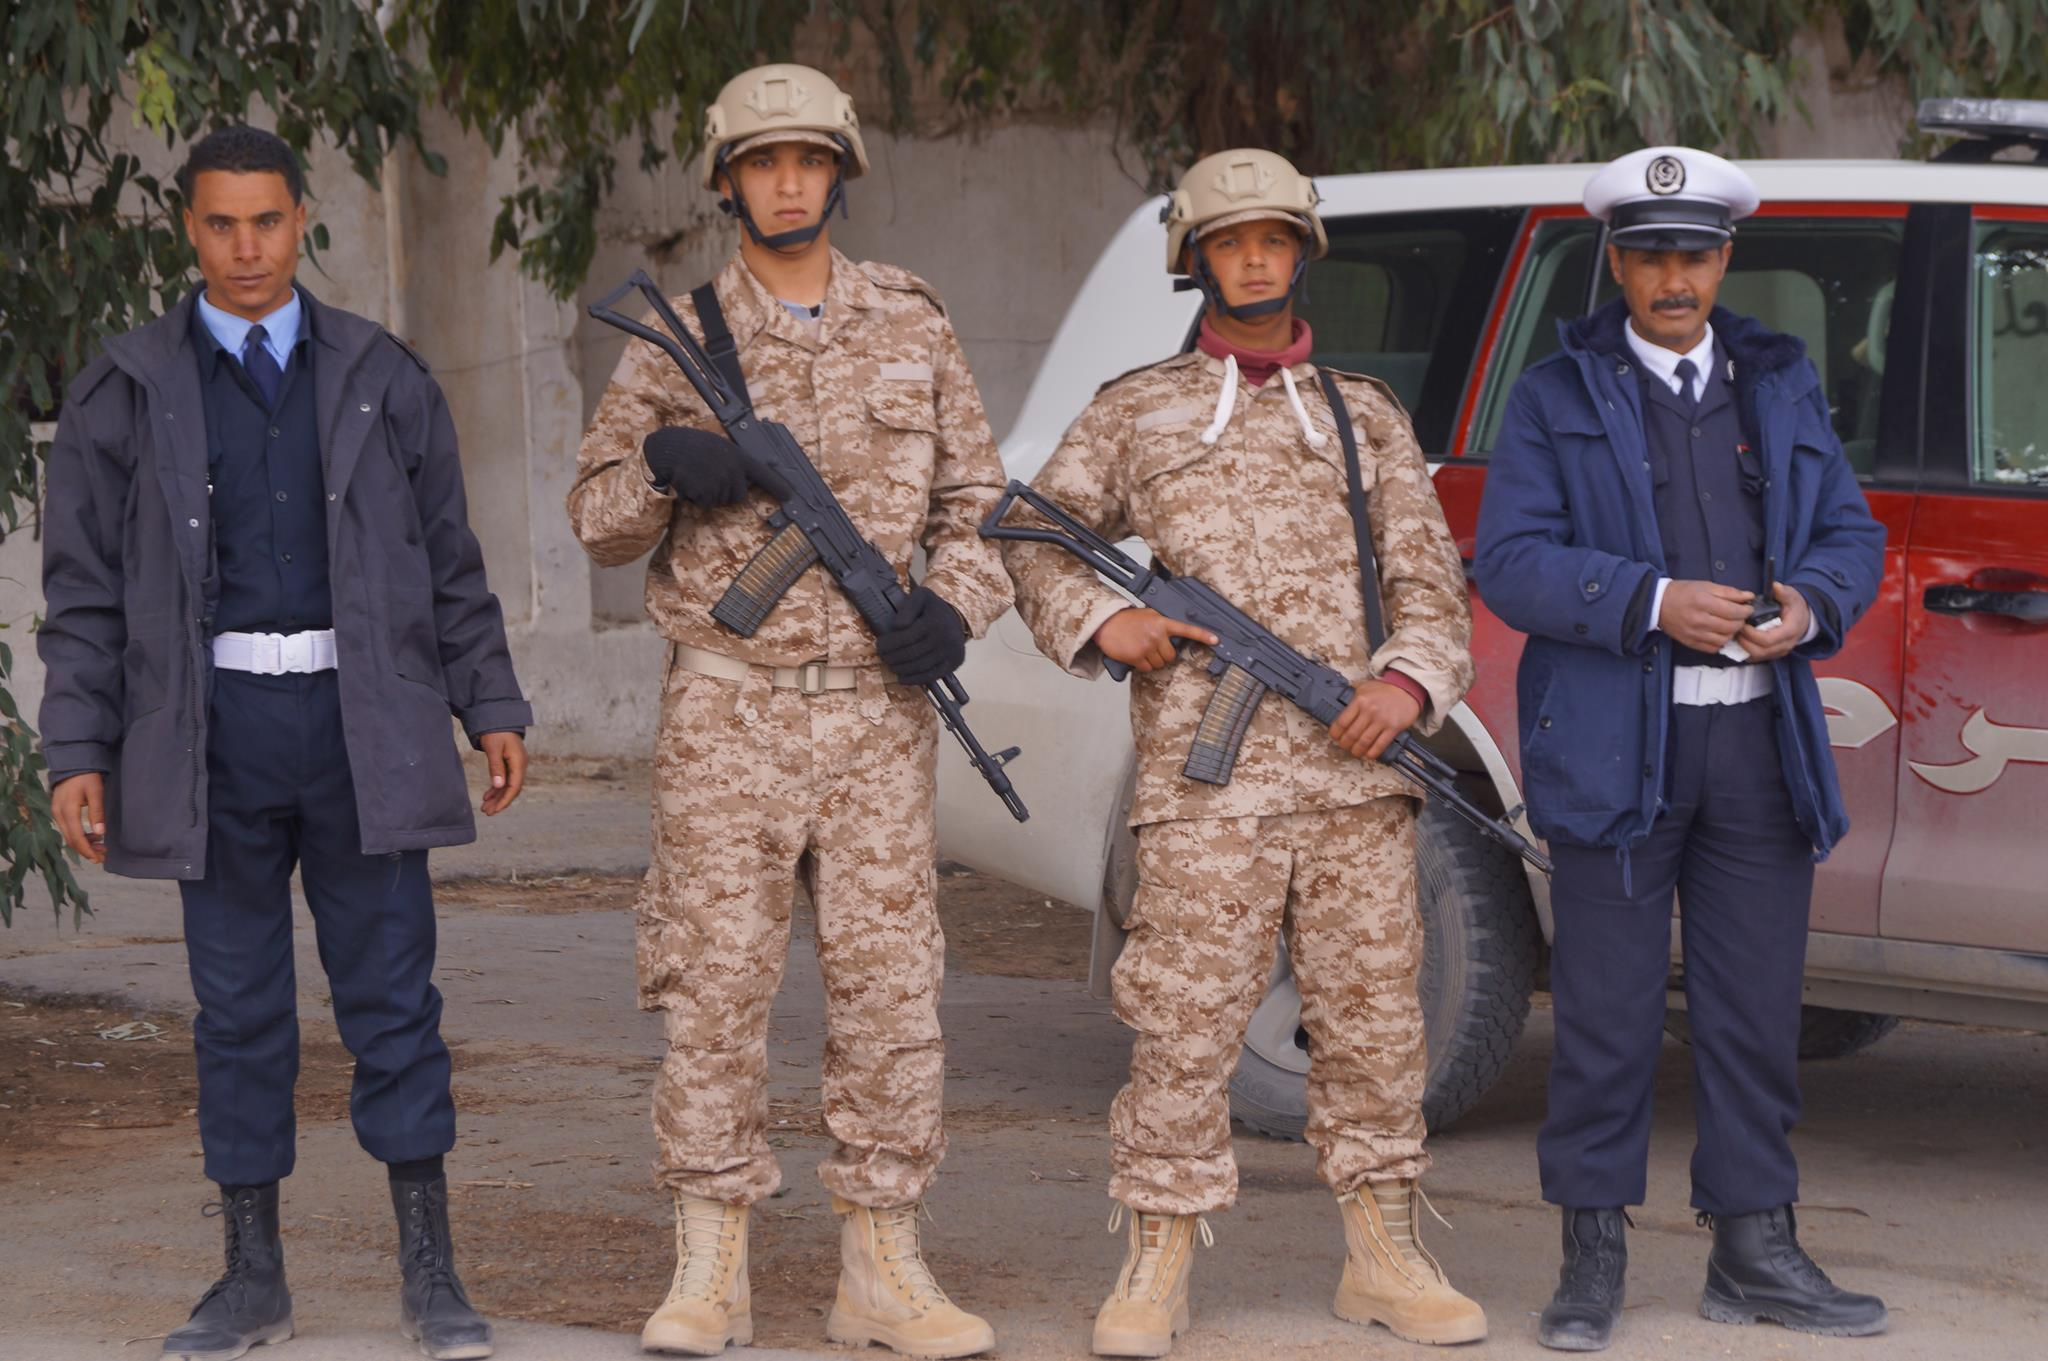 Bulgarian AR-M9 & AR-M9F rifles supplied by UAE to allied